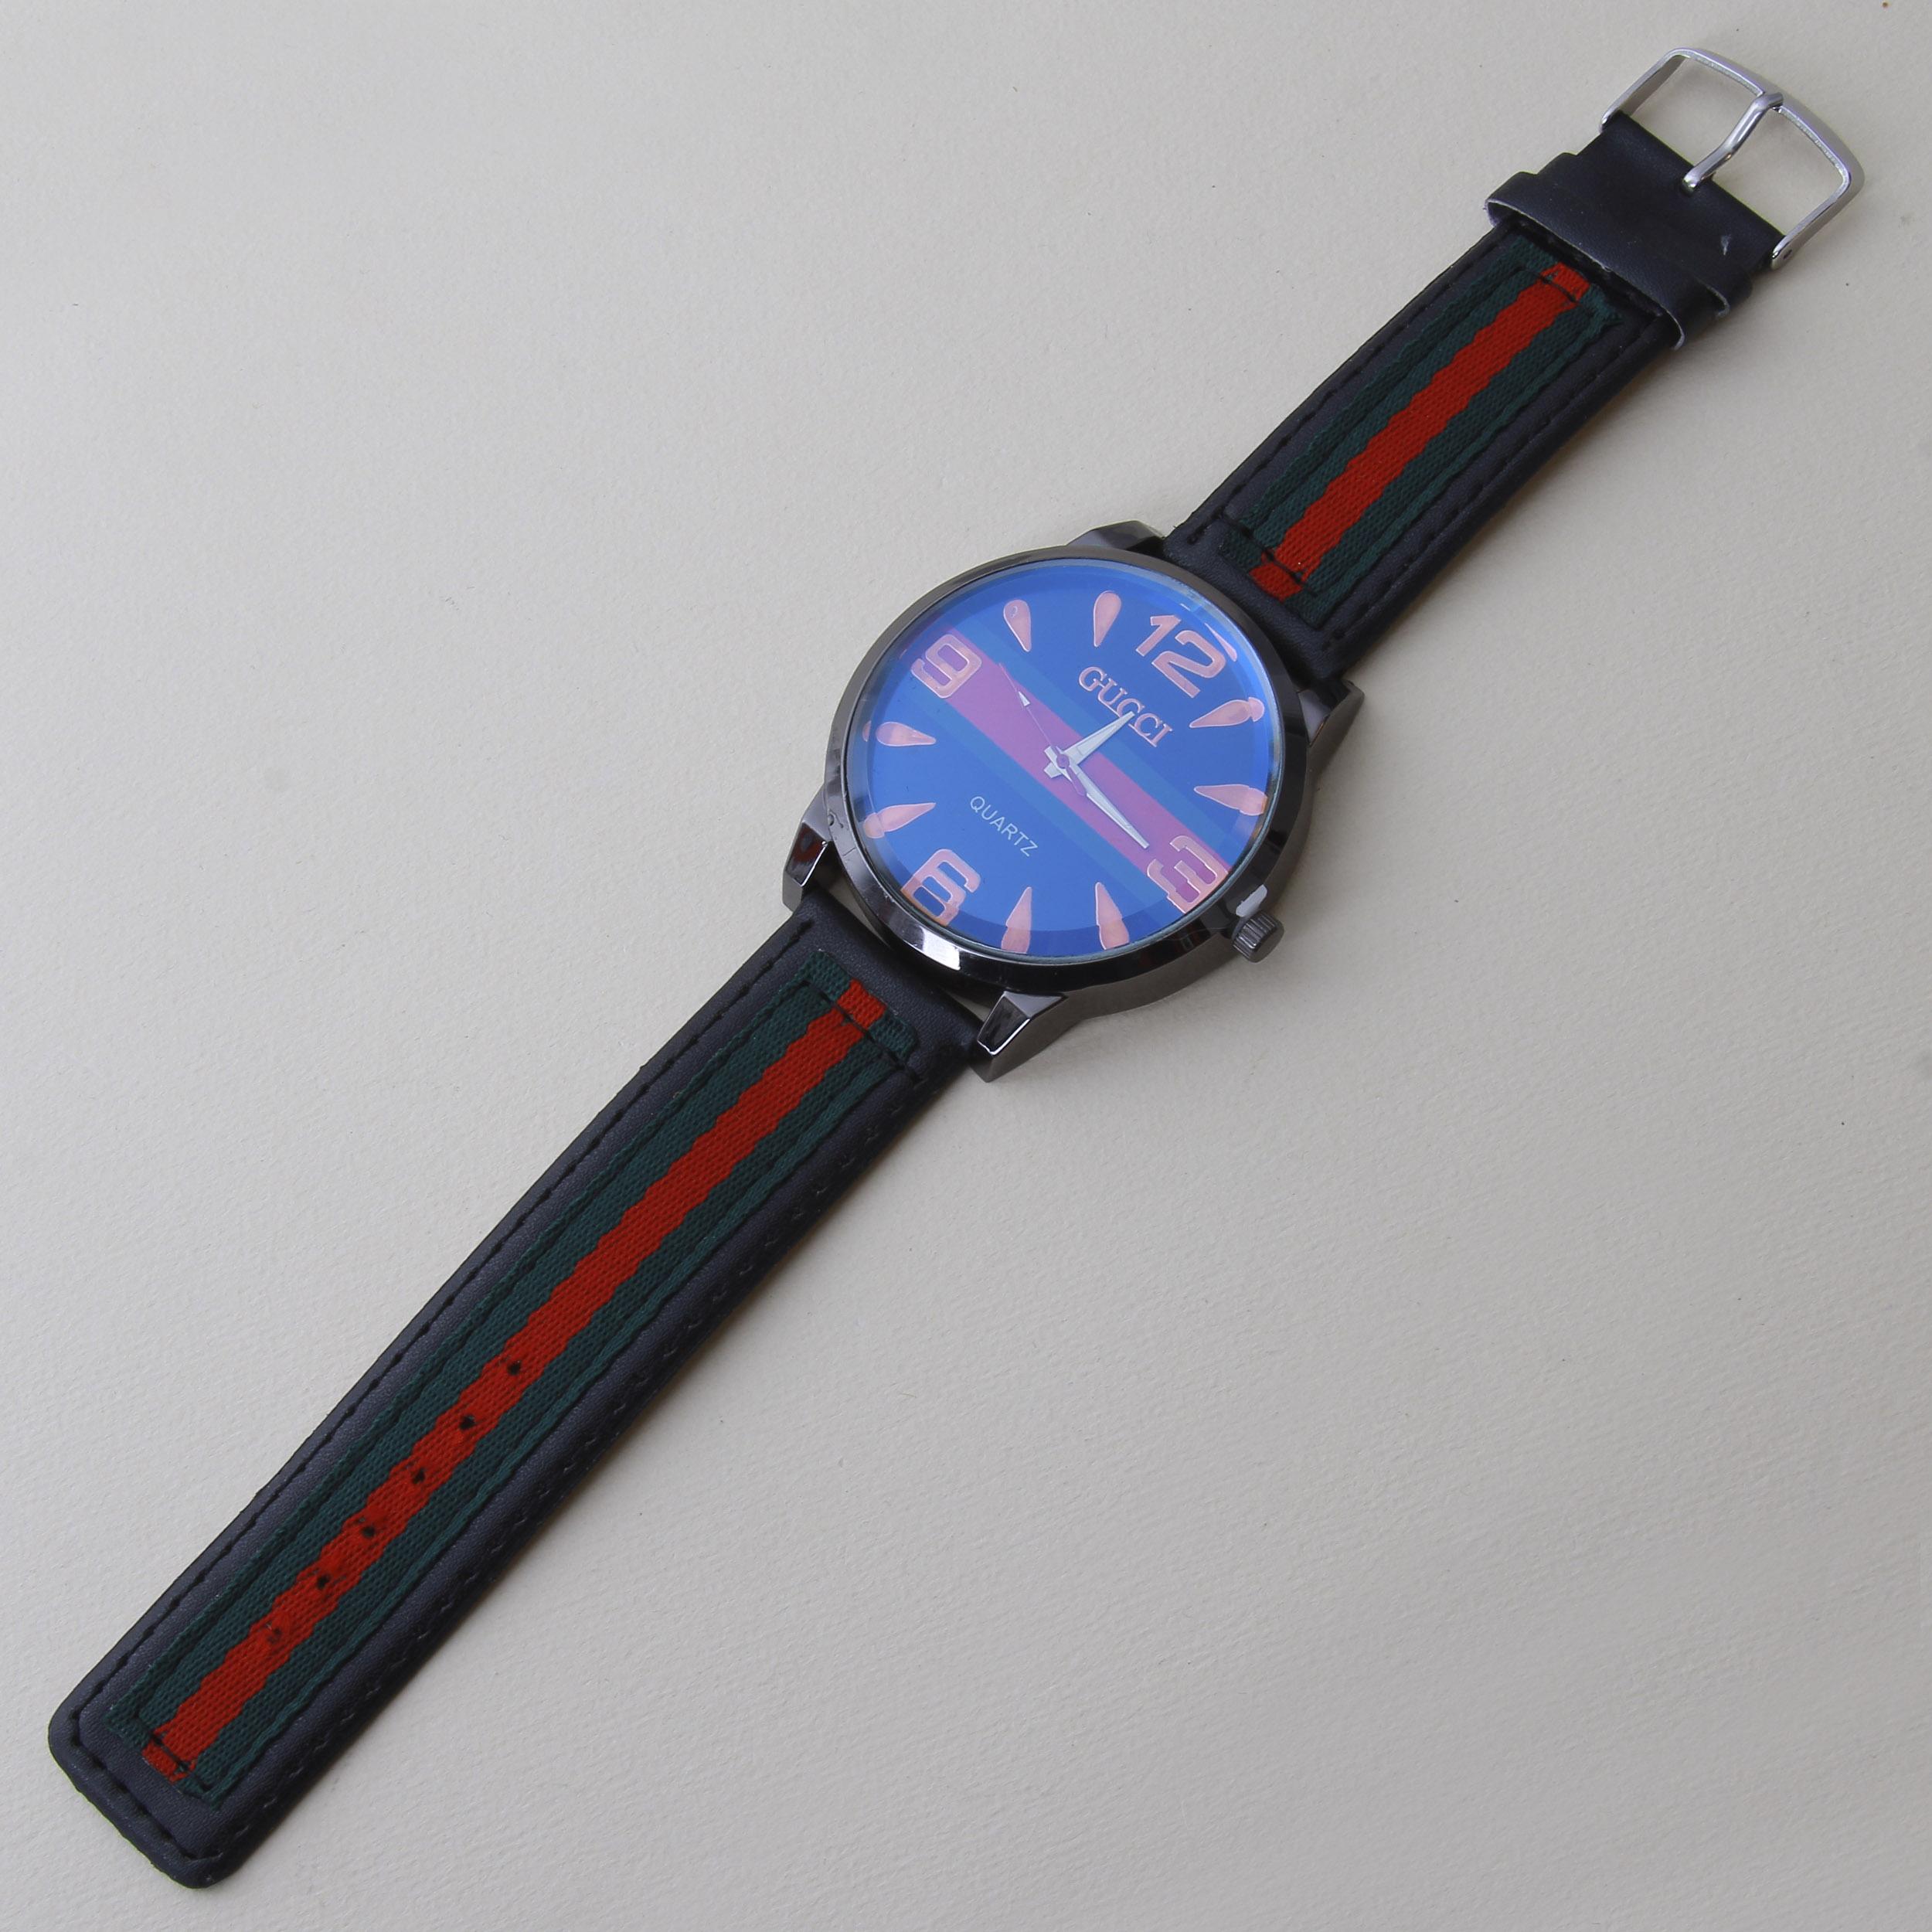 خرید                                        ساعت مچی عقربه ای مردانه کد WHM_126                     غیر اصل